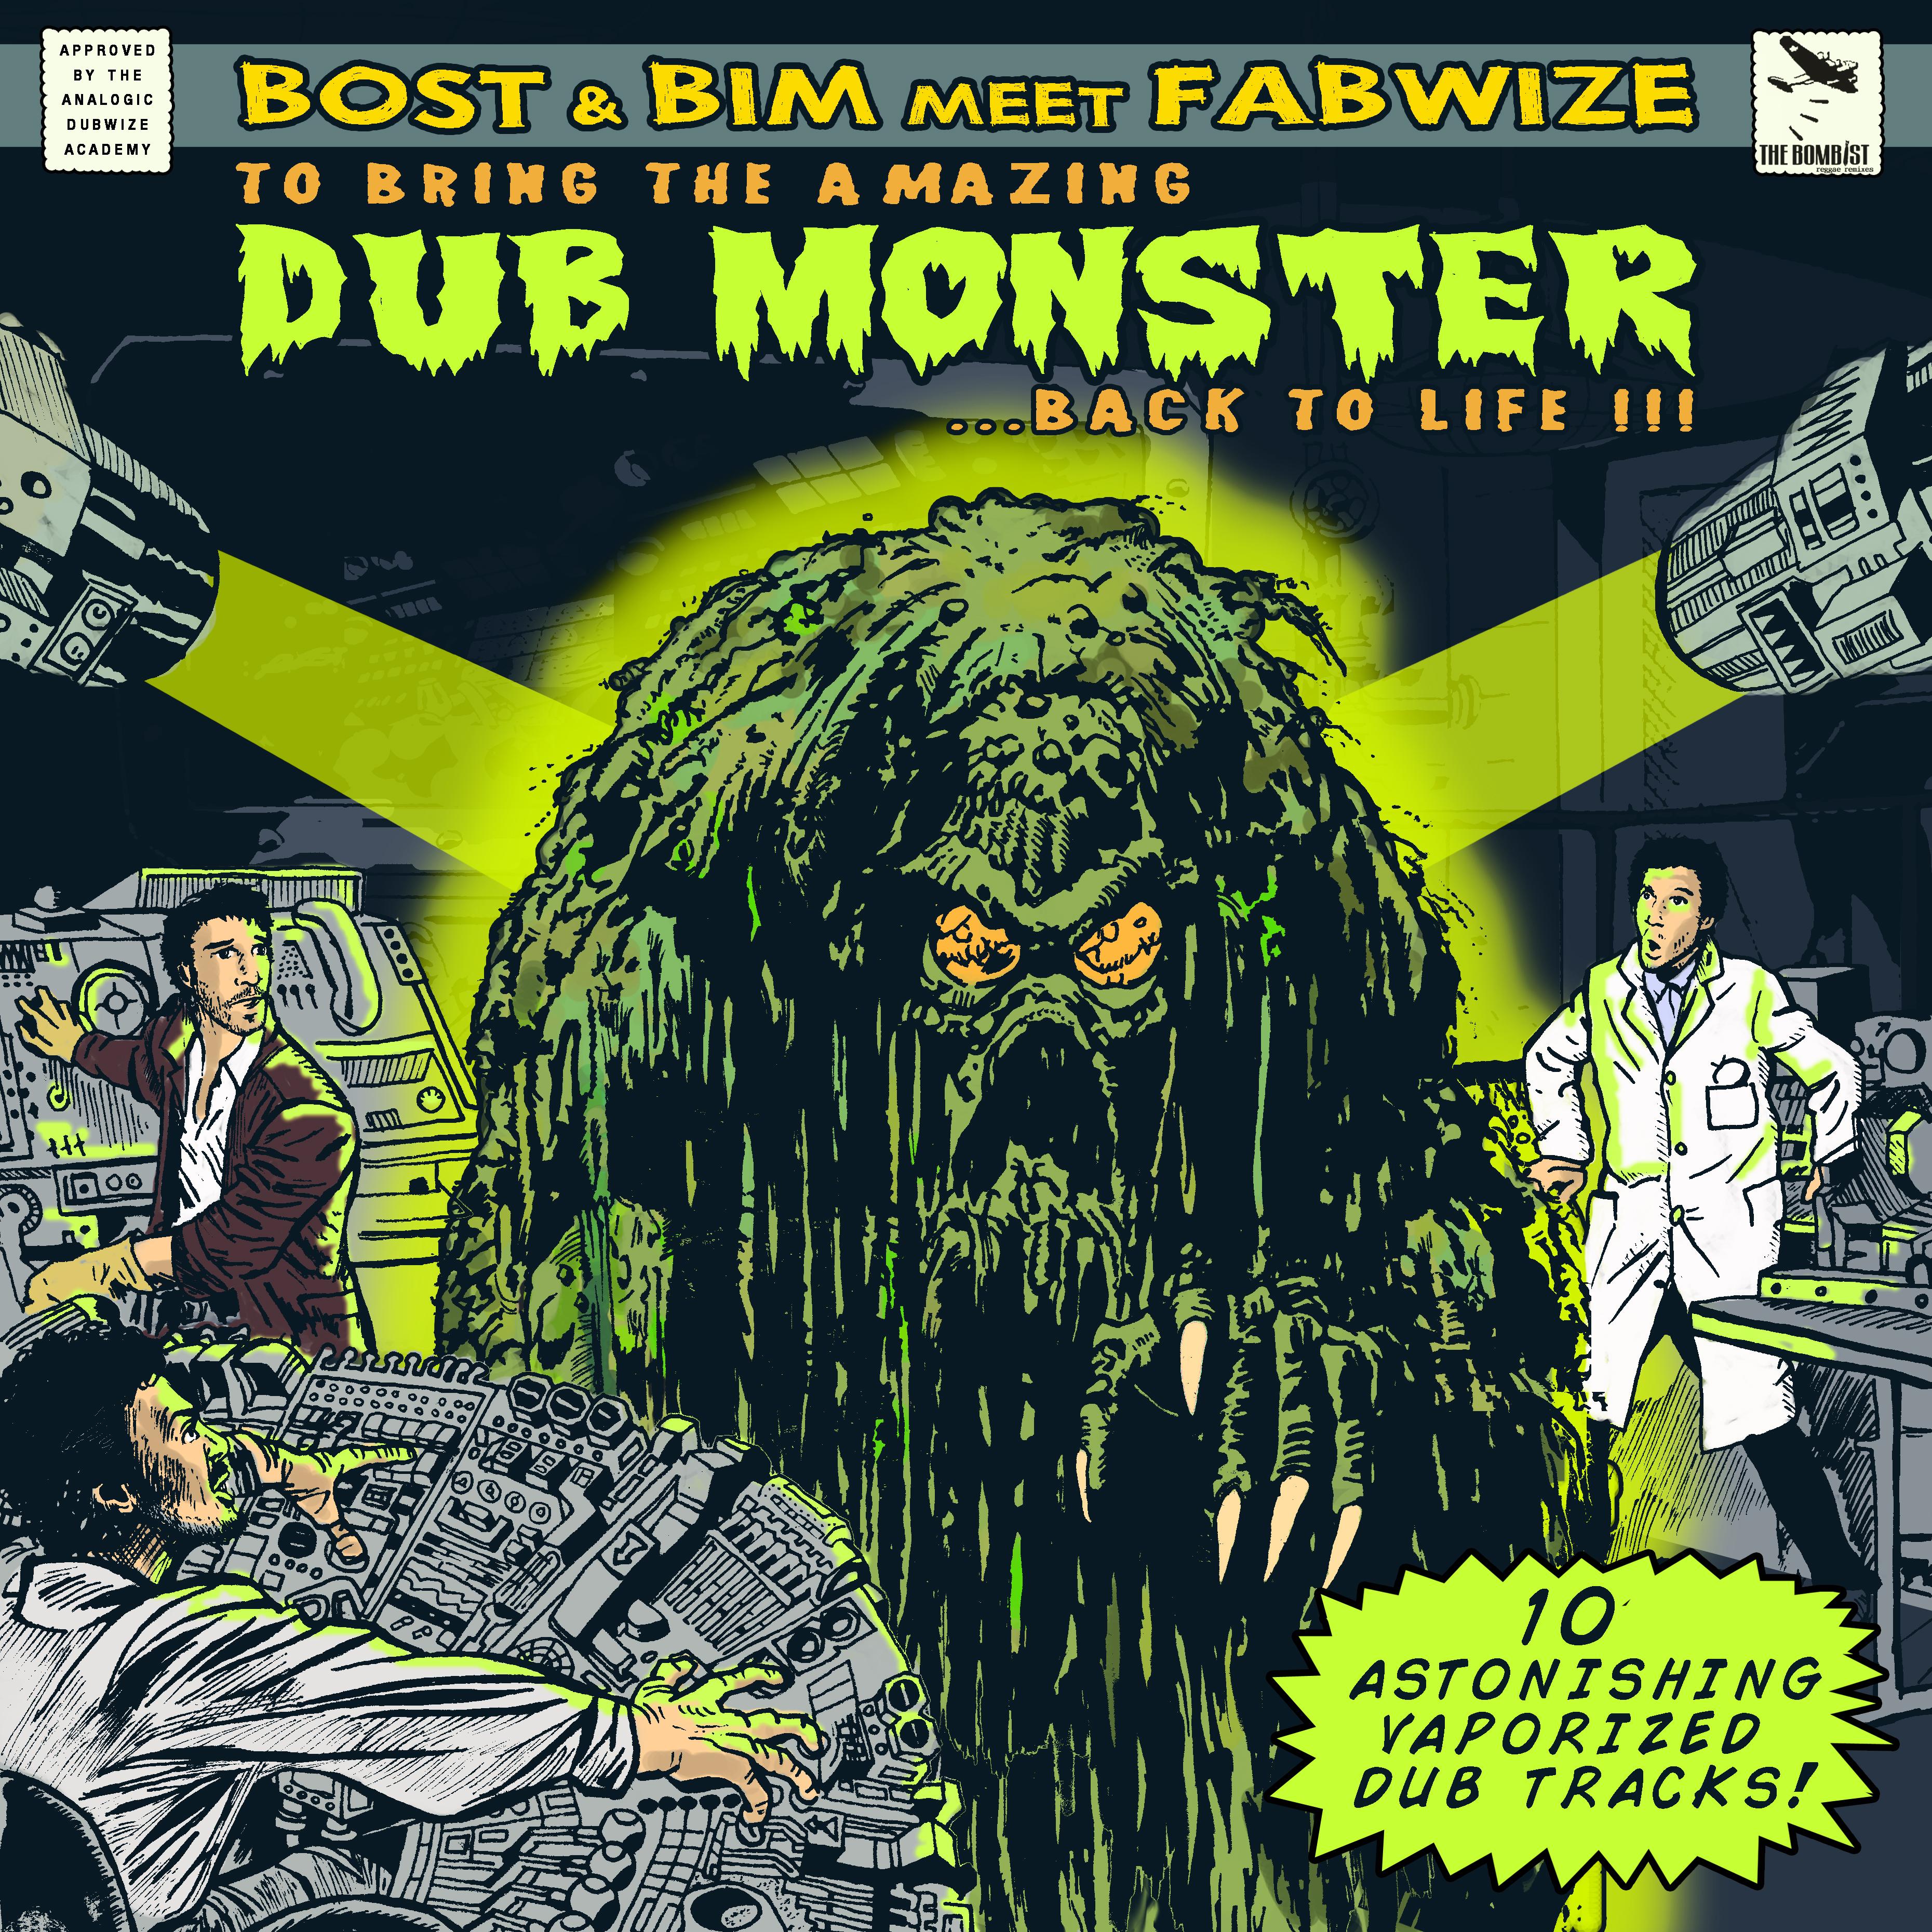 Bost & Bim - Dub Monster